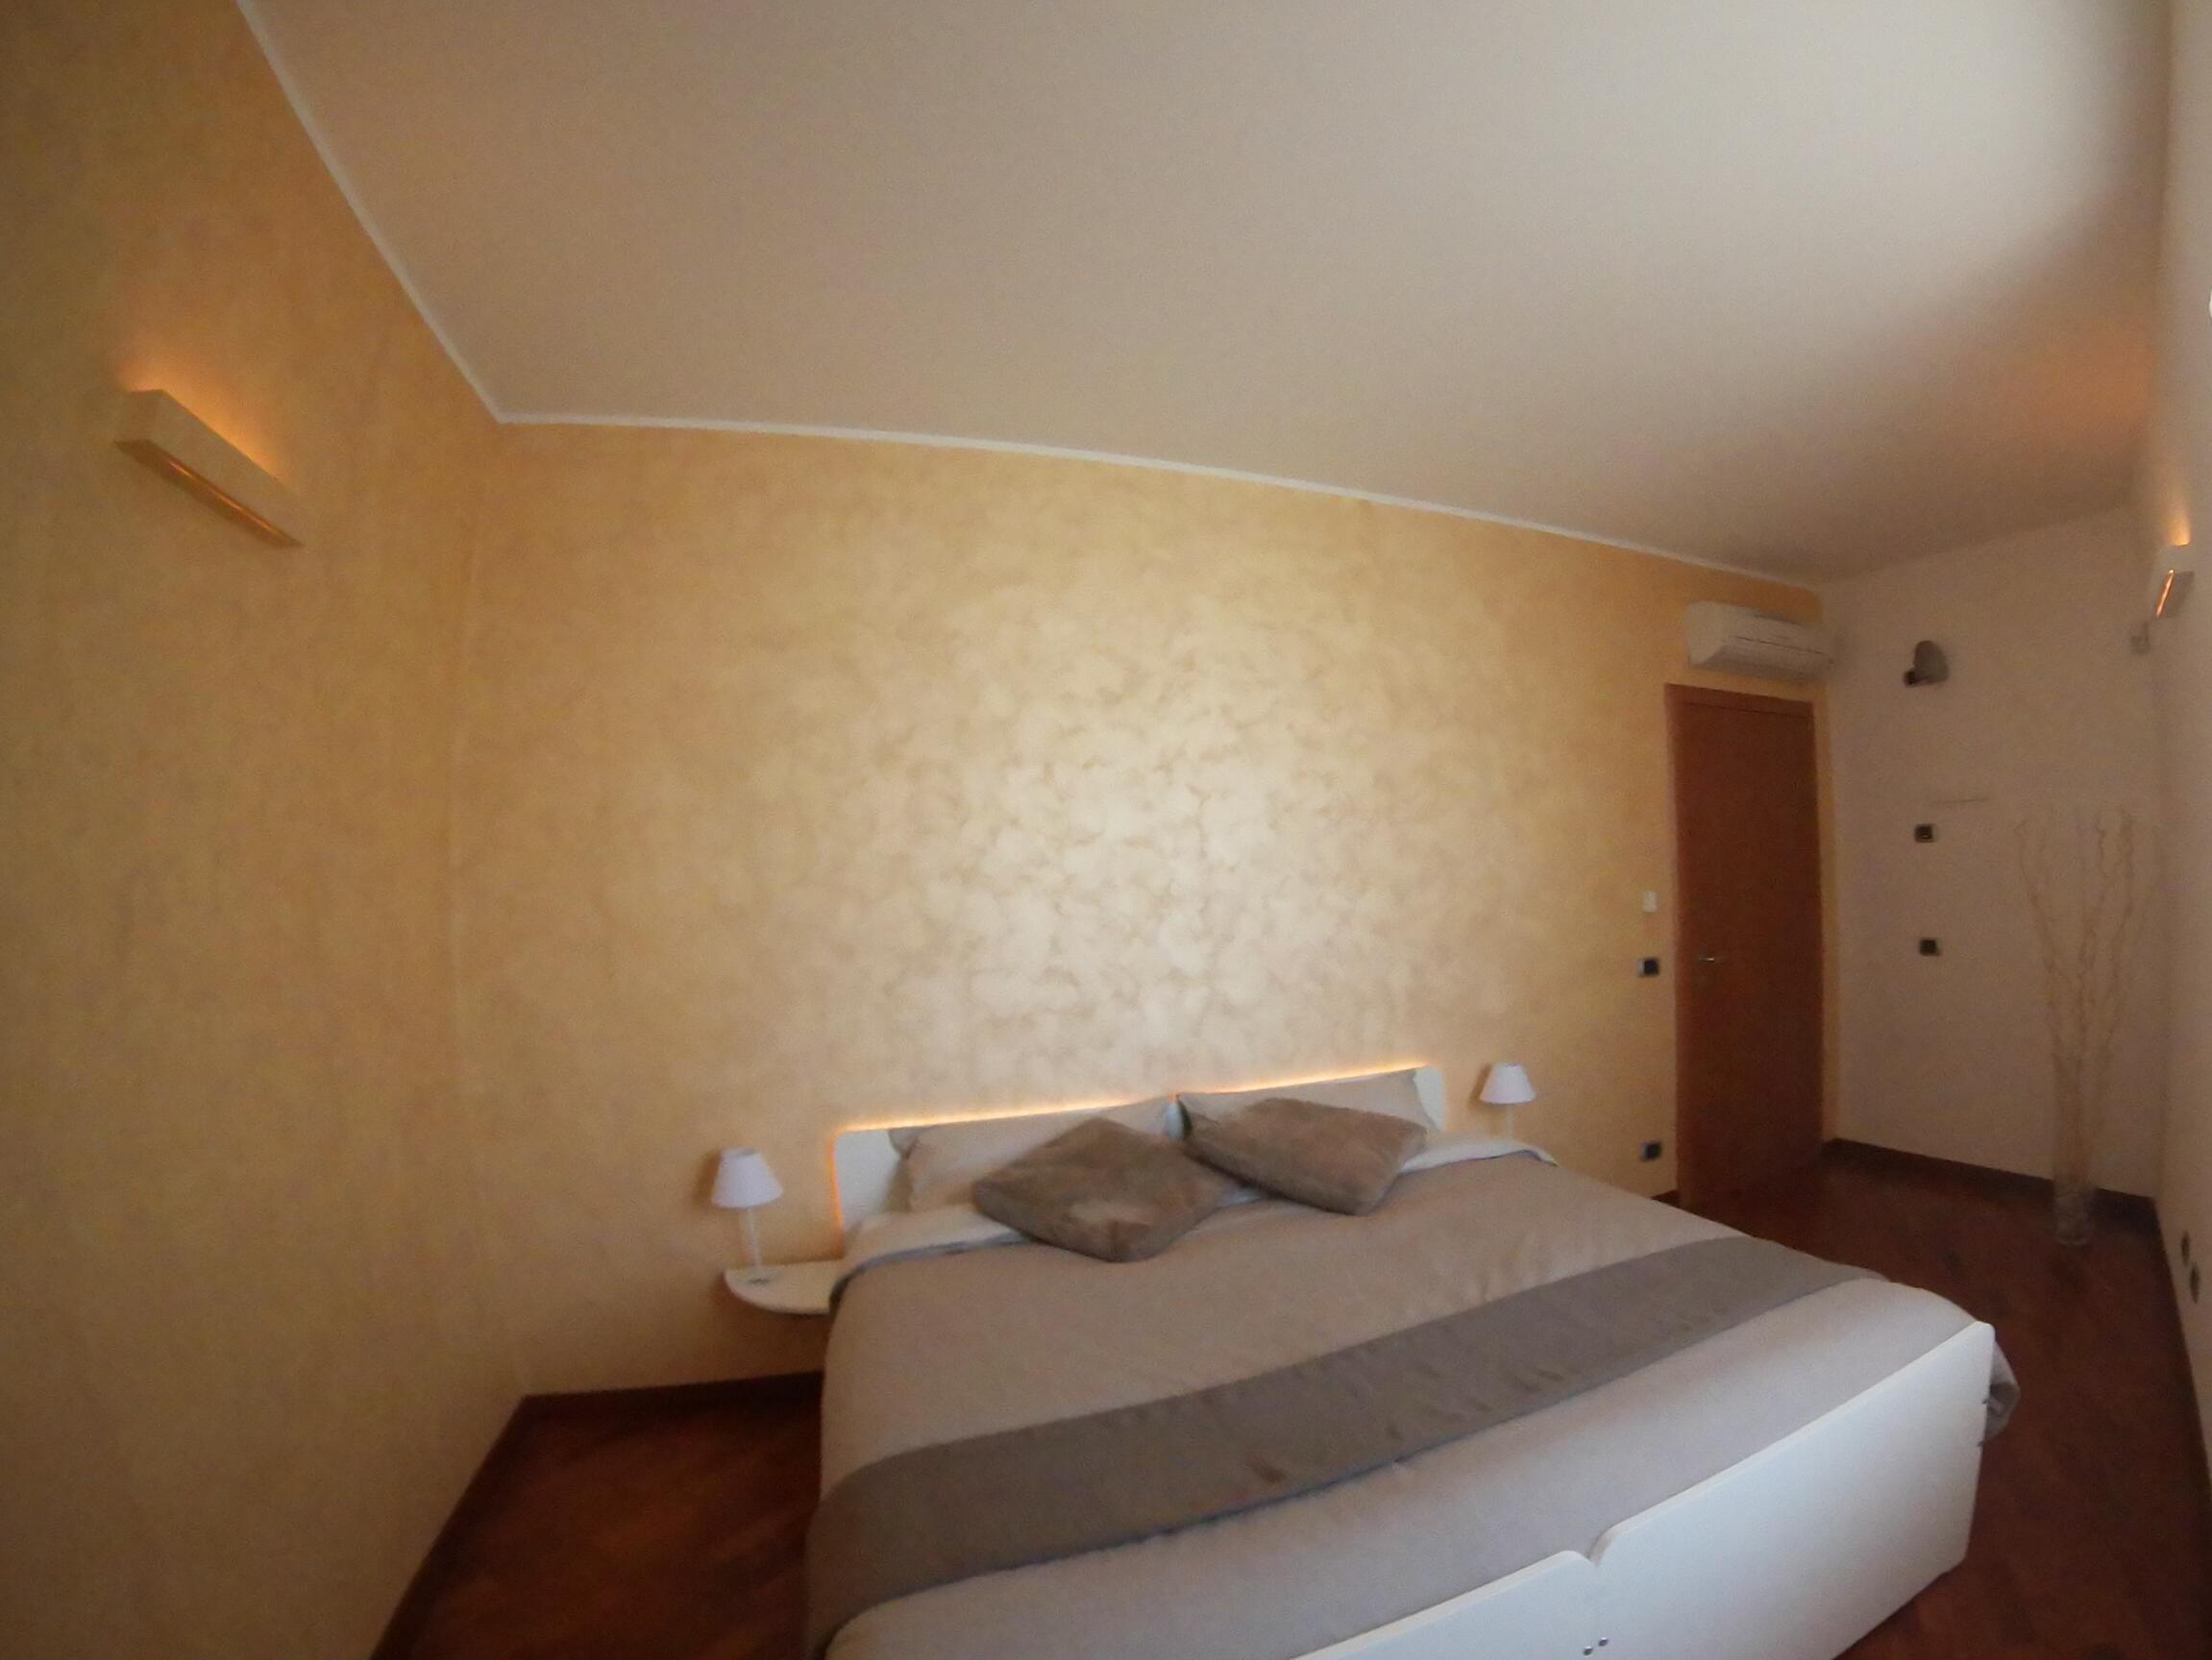 Ferienhaus Villa Cometa - Lebende Mode - (2599033), Casaleggio Novara, Novara, Piemont, Italien, Bild 14